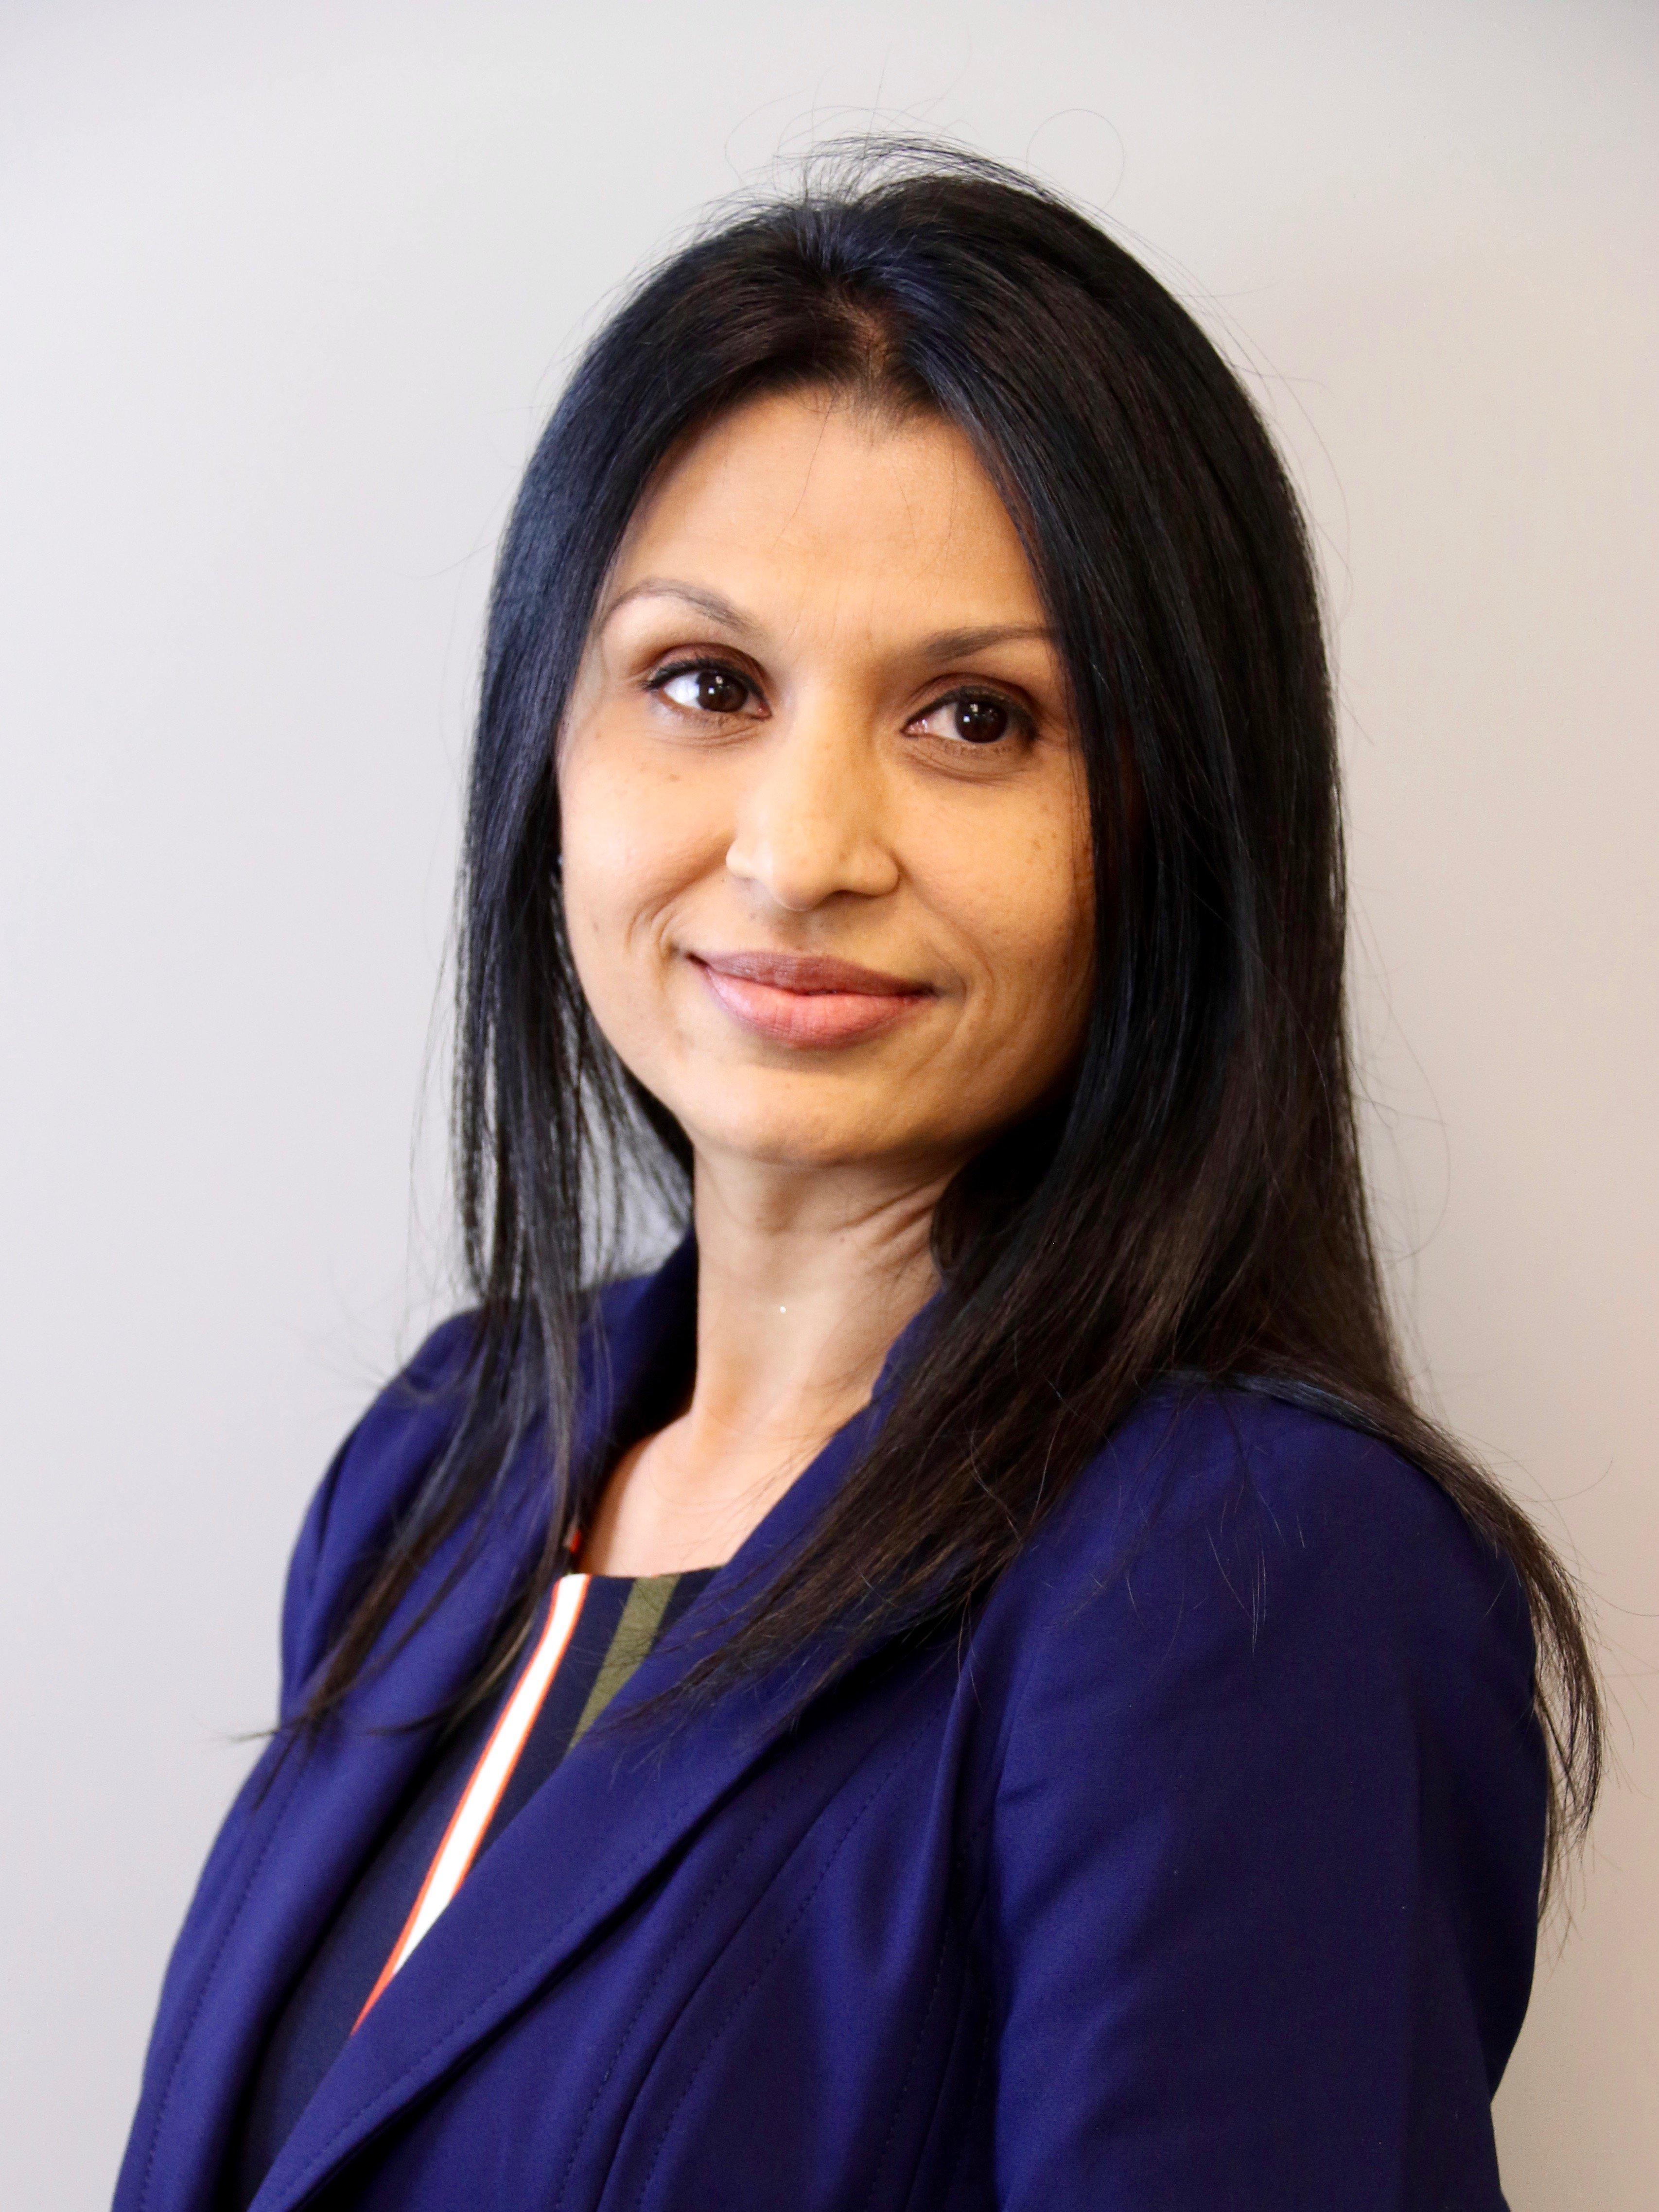 Parita Patel